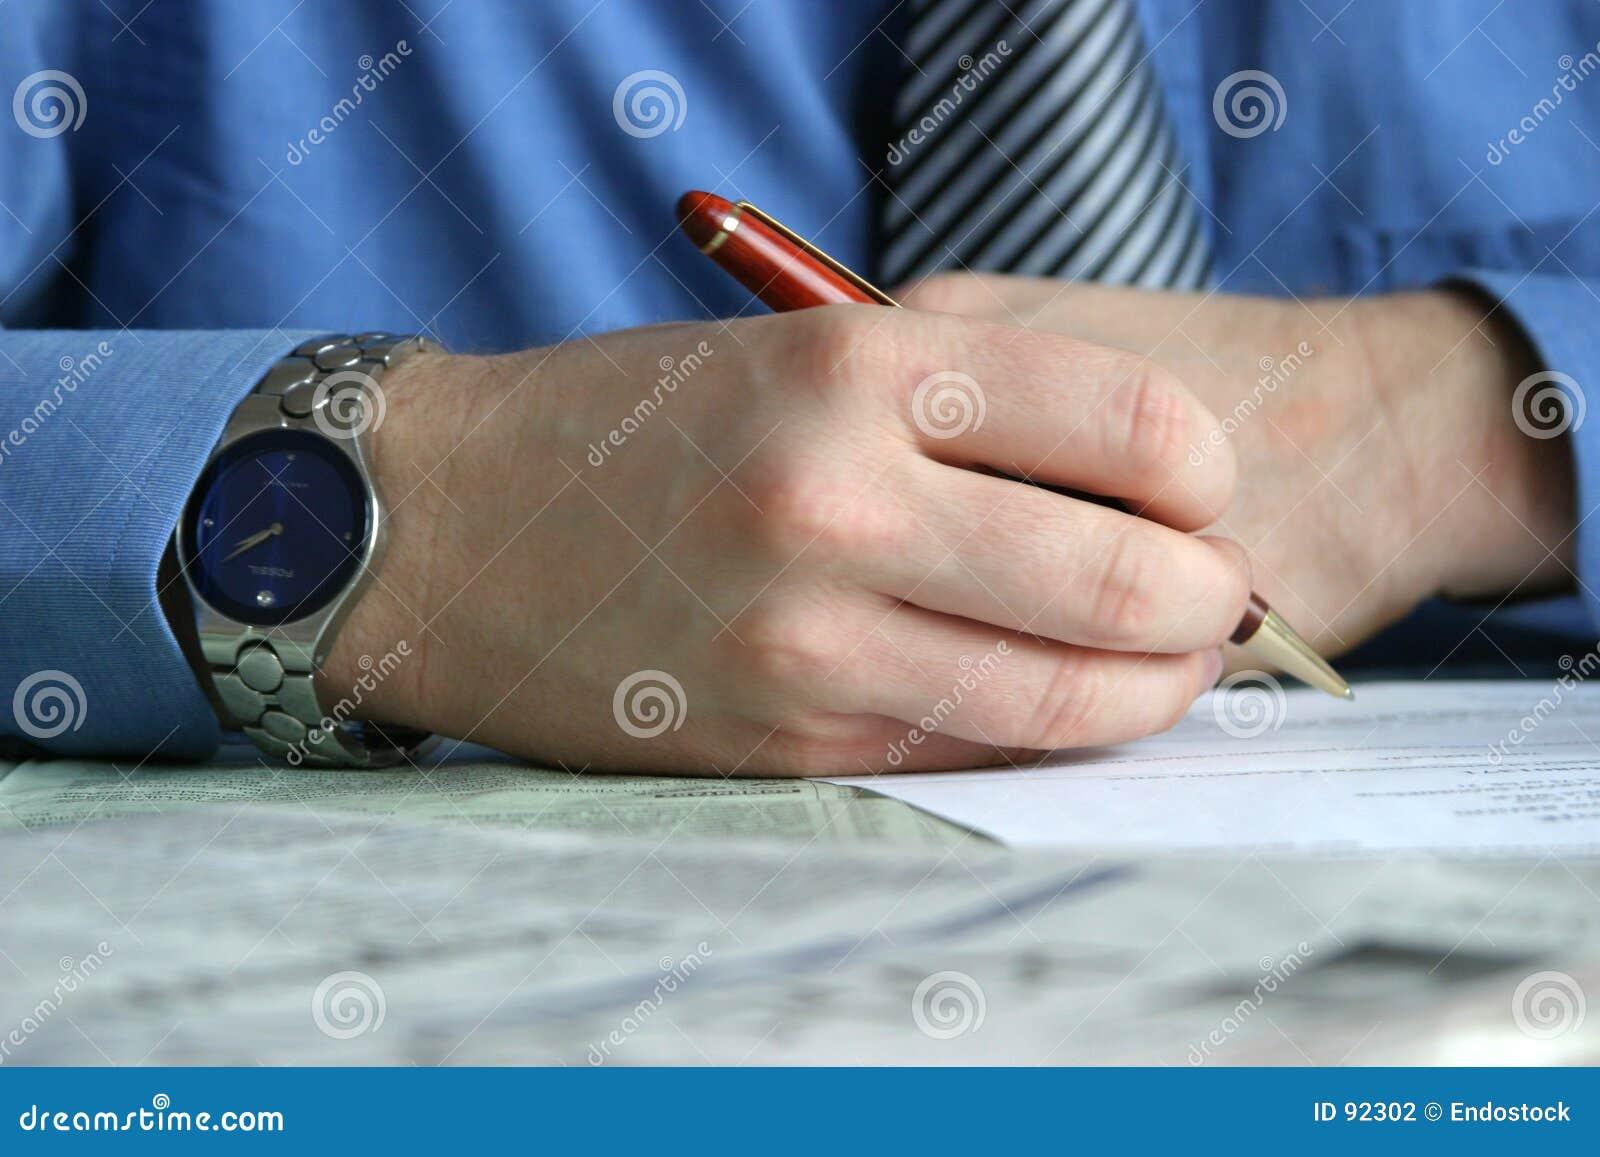 Abkommen - Handkennzeichnender Vertrag